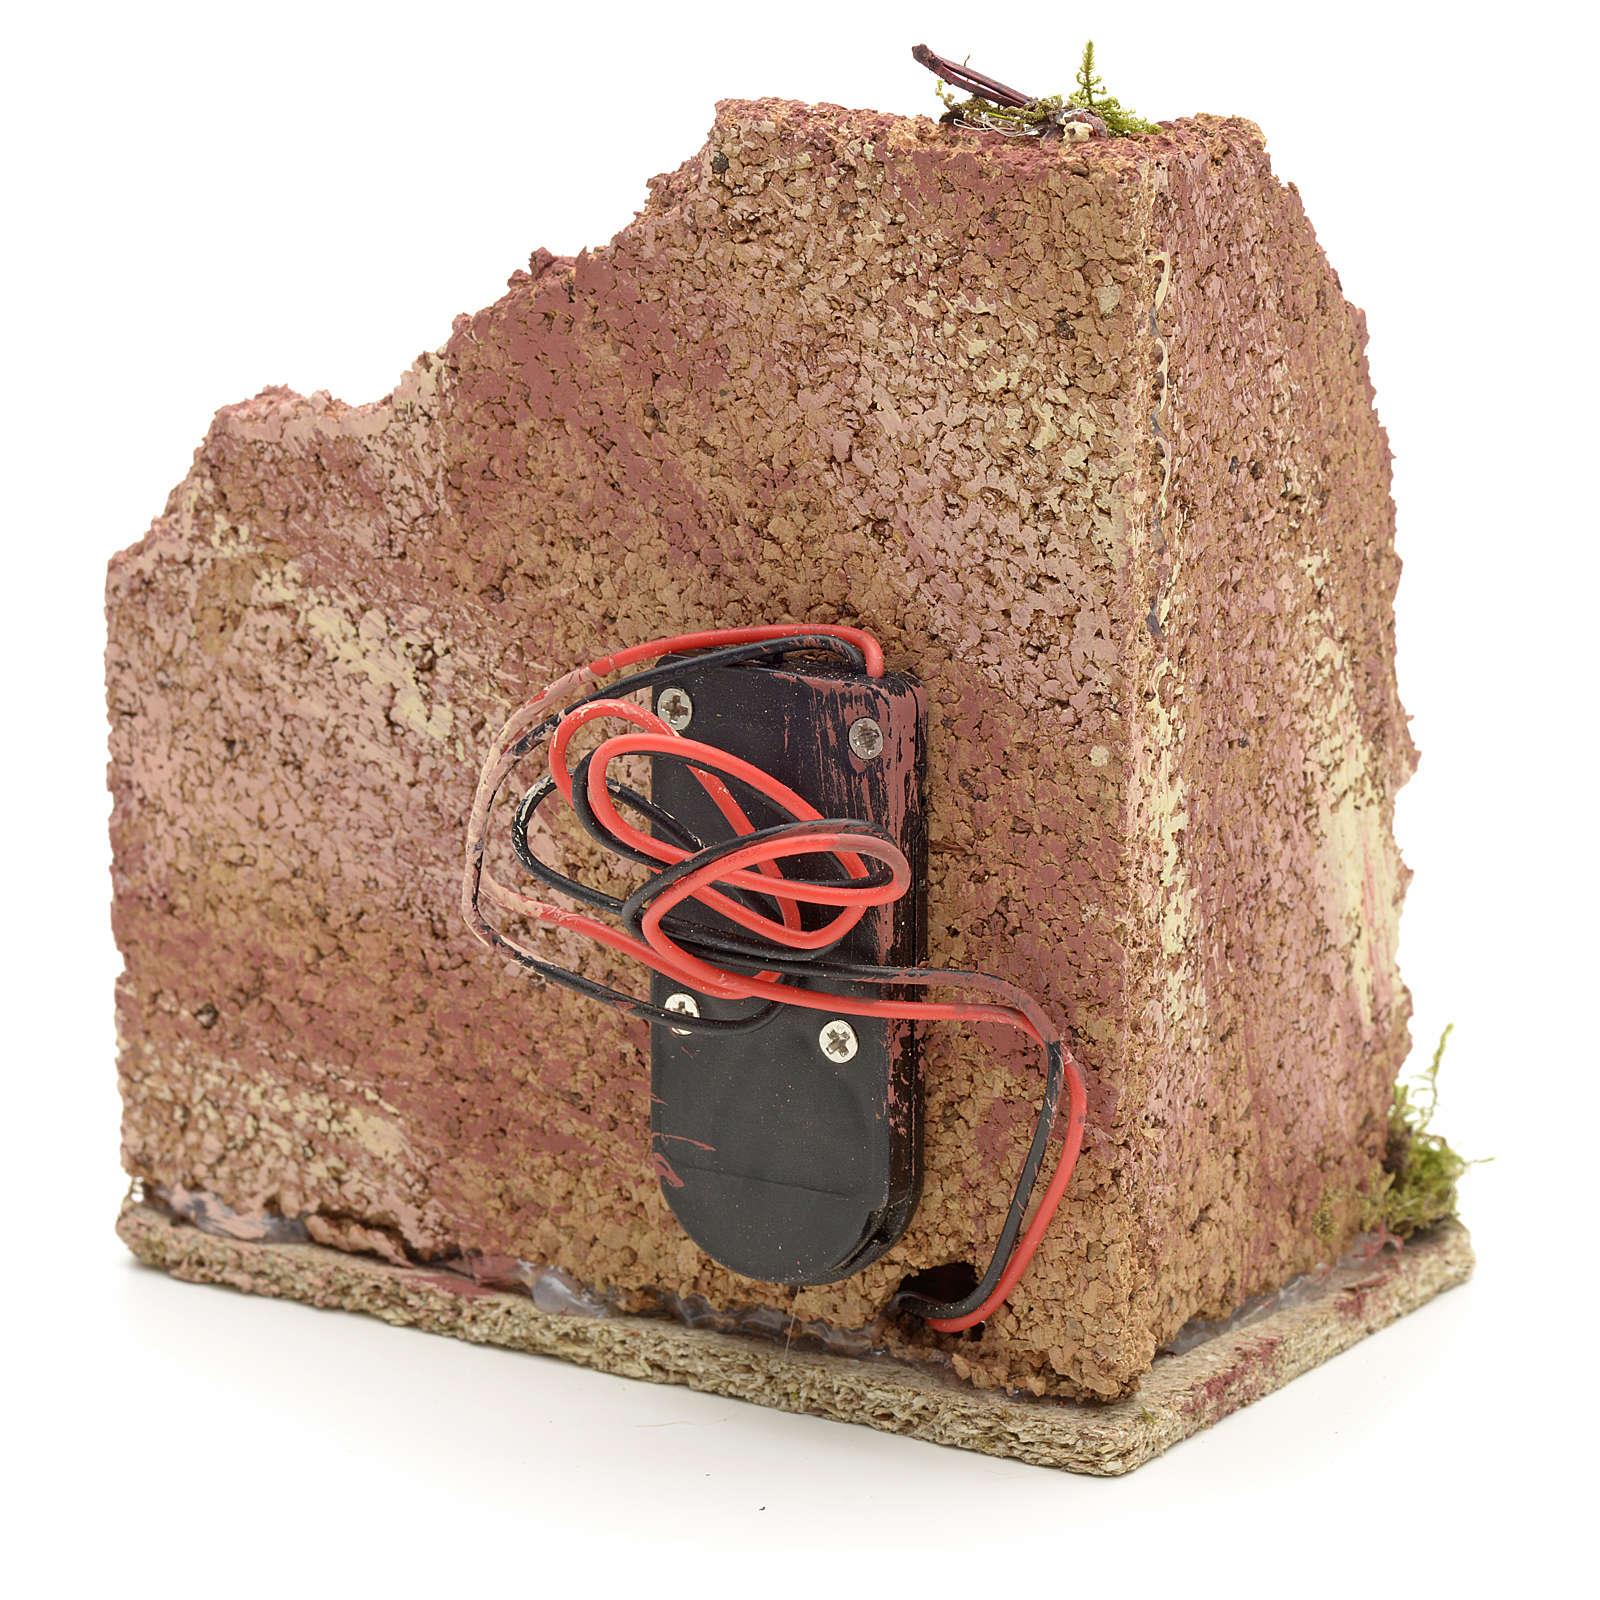 Forno presepe in legno a batteria 10x10x6 4